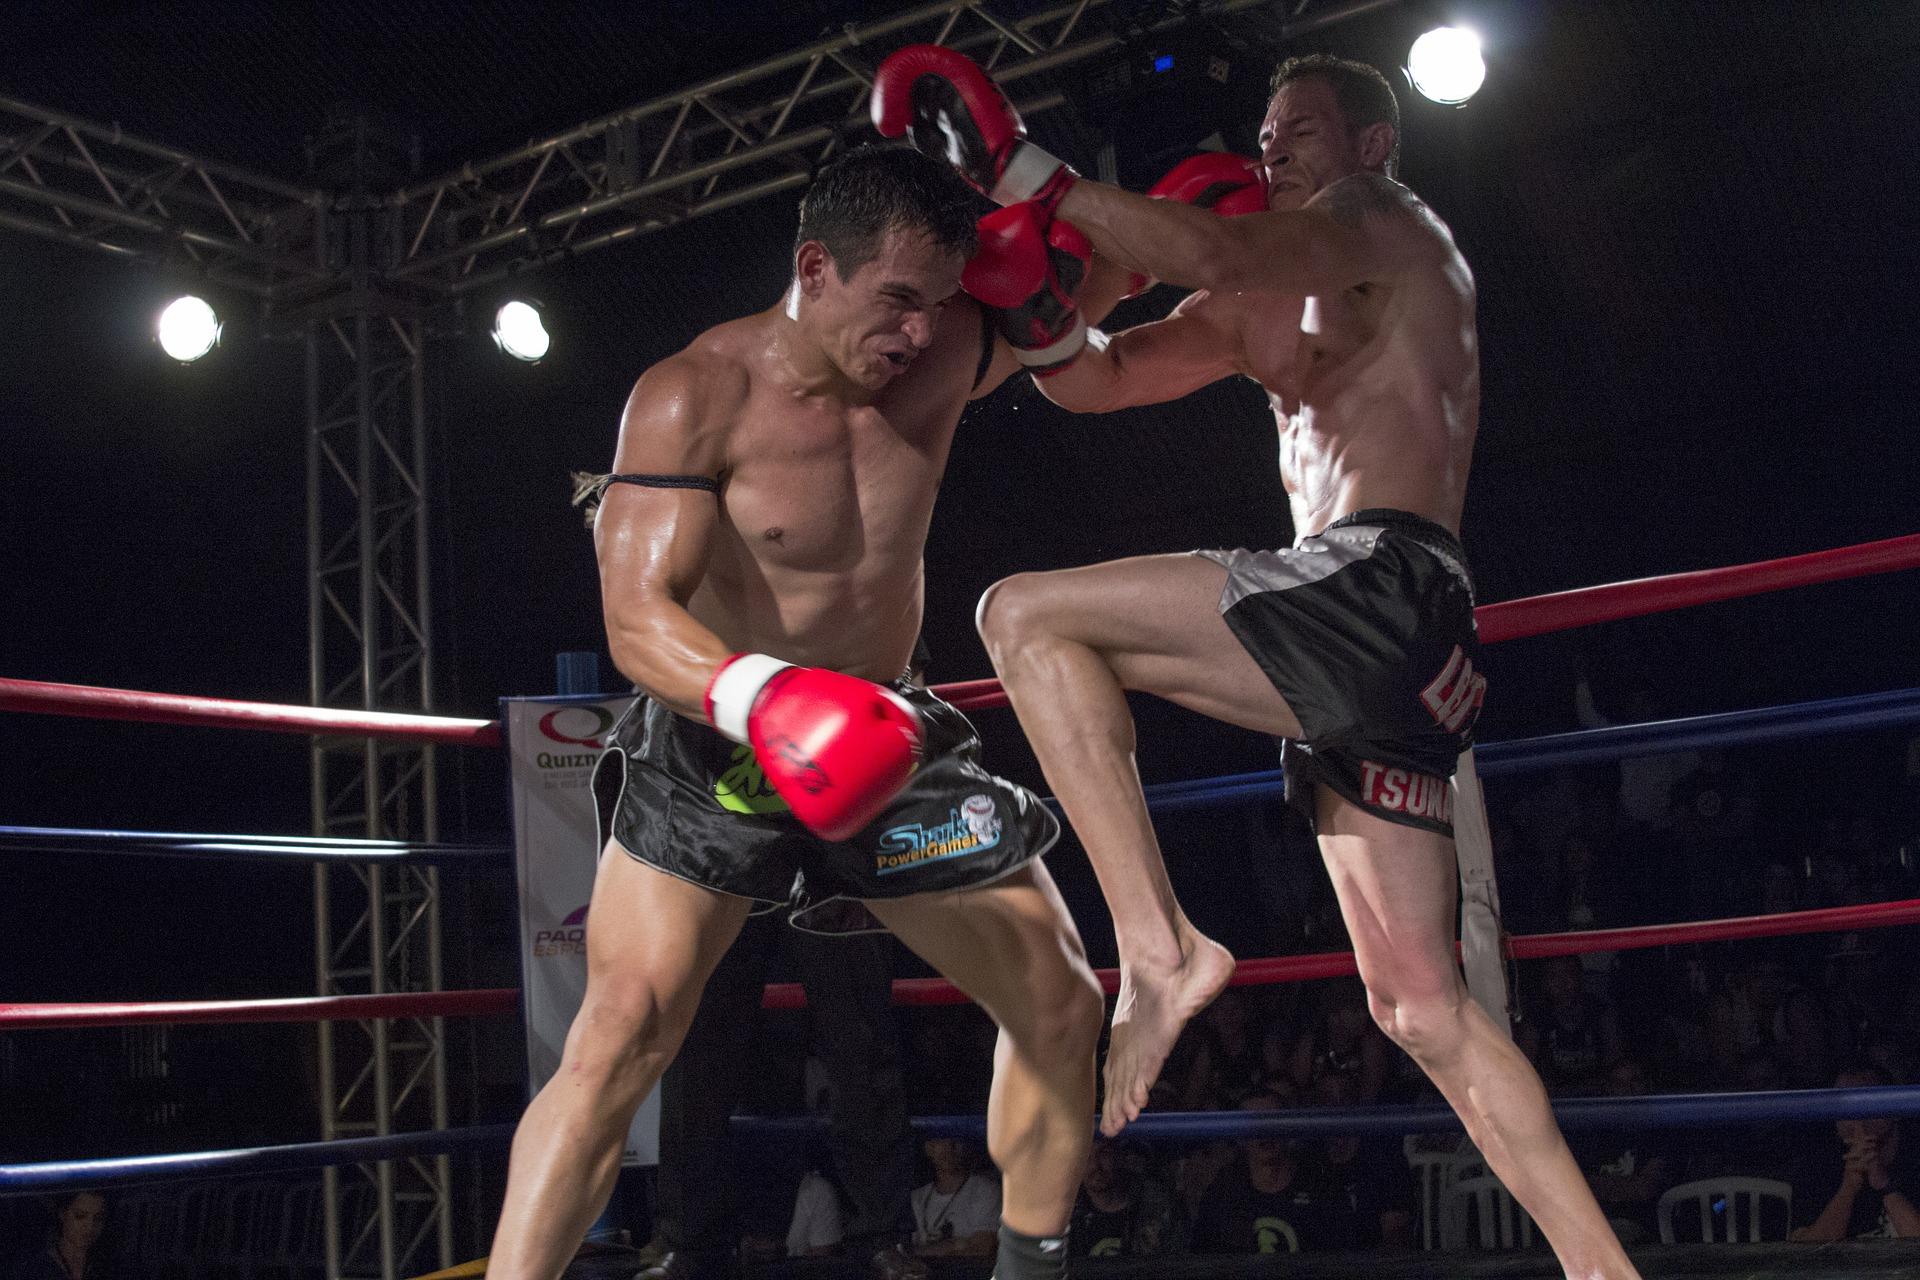 Top 5 Best Kickboxing Gloves